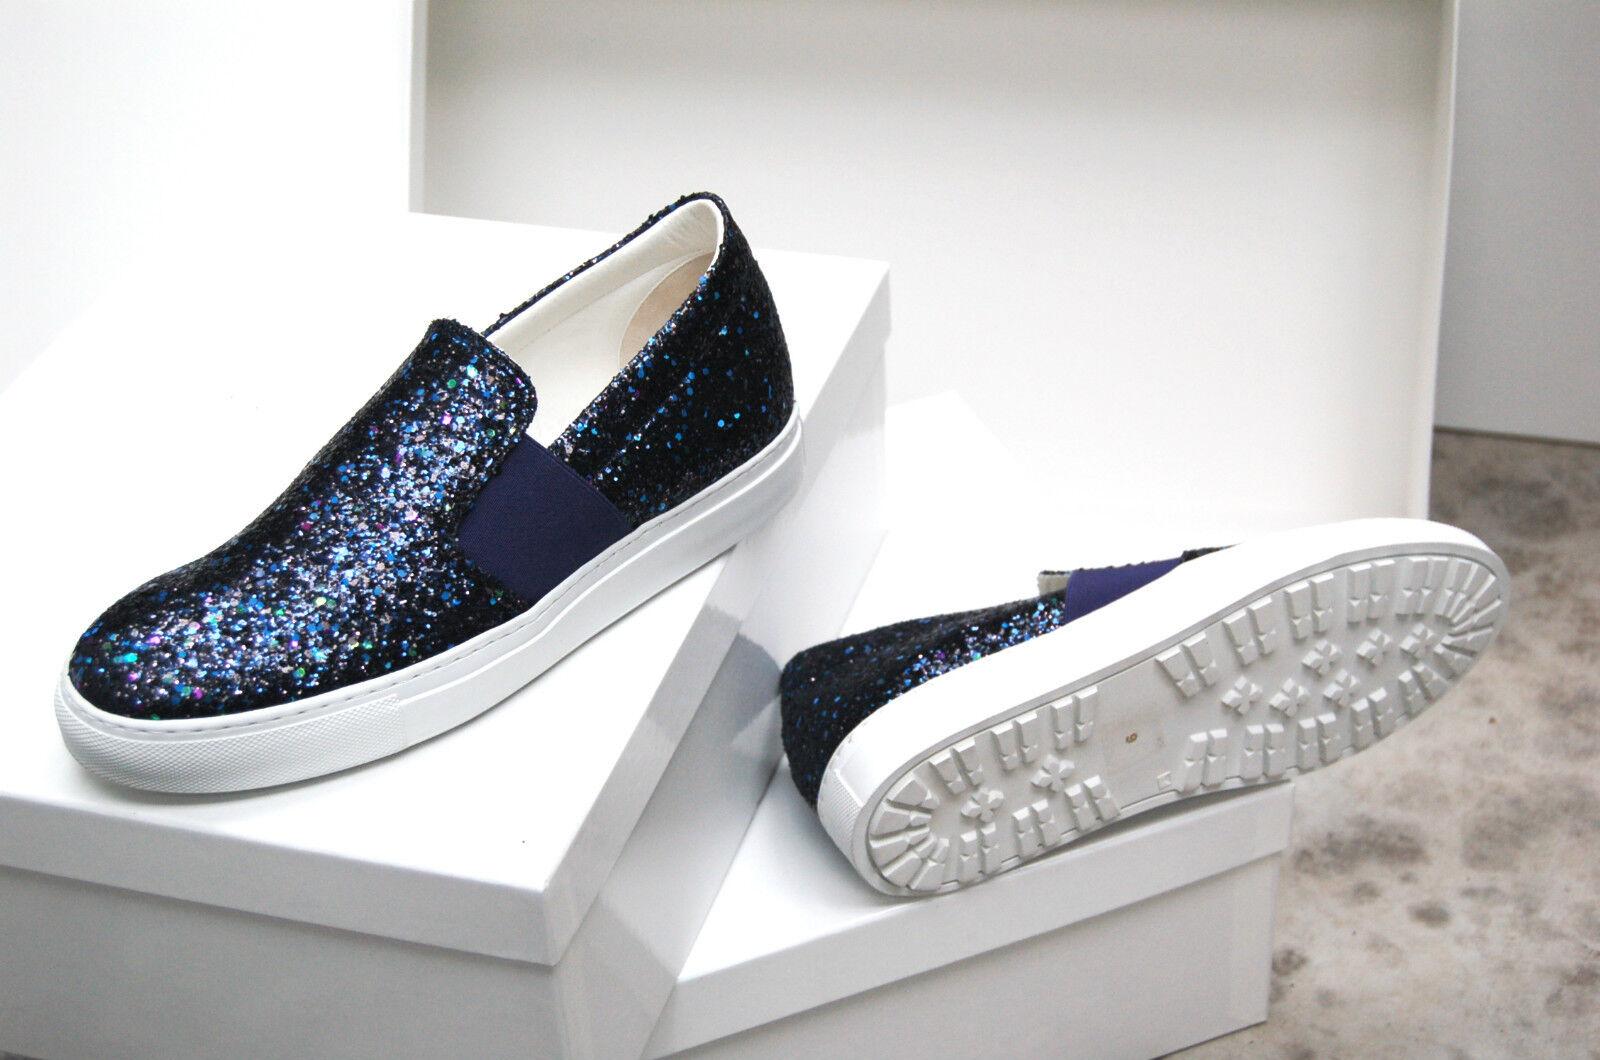 Los últimos zapatos de descuento para hombres y mujeres WOMAN - ELASTIC SLIPON SNEAKER - GLITTER COL.BLUE/BRONZE/GUN METAL - RUBBER SOLE